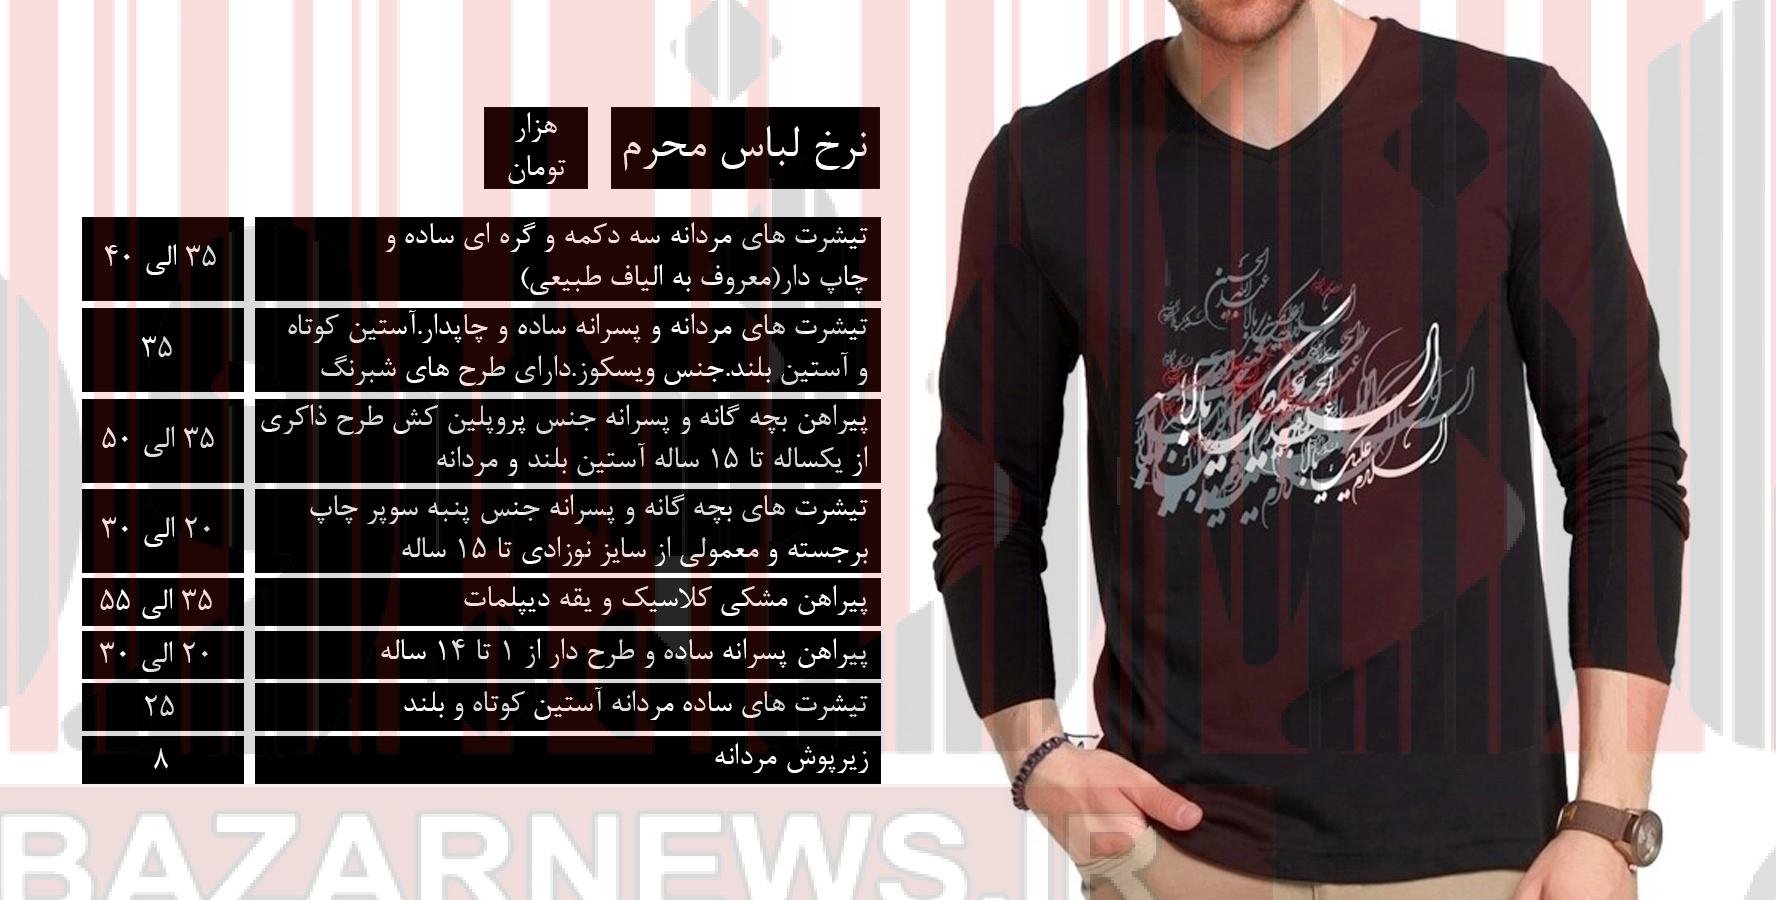 قیمت انواع پیراهن سیاه در بازار تهران +جدول